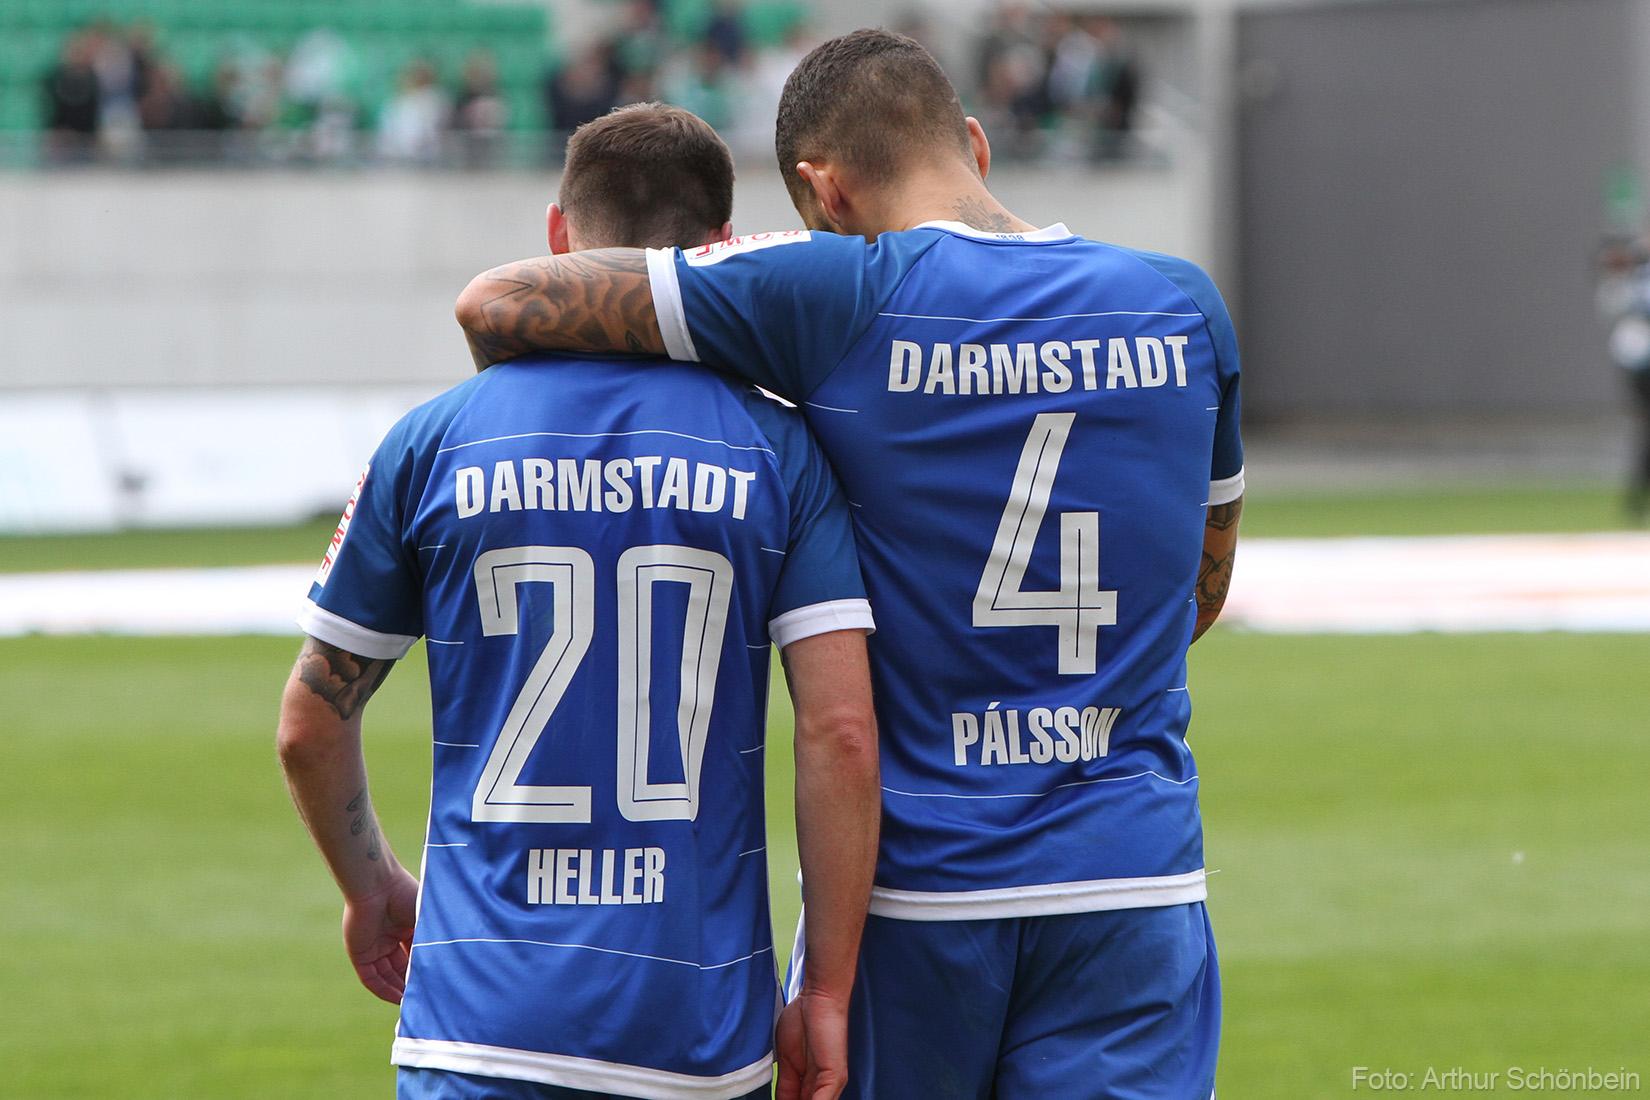 SpVgg Greuther Fürth – SV Darmstadt 98 2:1 (0:0)